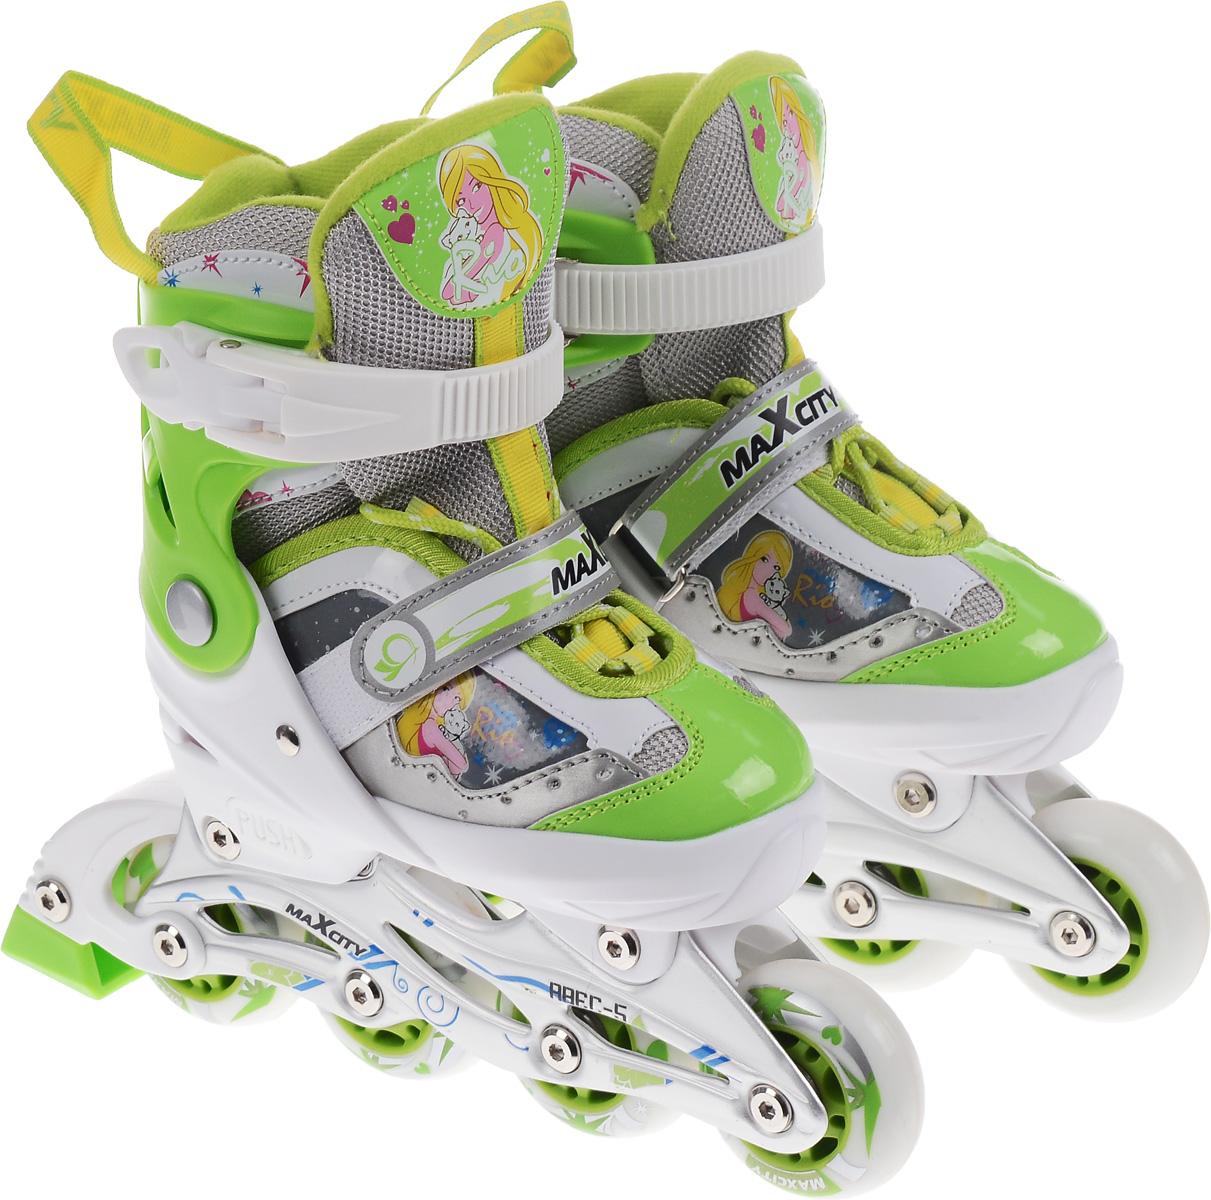 Коньки роликовые для девочки MaxCity Rio, раздвижные, цвет: зеленый, белый. Размер 29/32AIRWHEEL M3-162.8Стильные роликовые коньки Rio от MaxCity с ярким принтом придутся по душе вашему ребенку. Ботинок конька изготовлен по технологии Max Fit из комбинированных синтетических и полимерных материалов, обеспечивающих максимальную вентиляцию ноги. Анатомически облегченная конструкция ботинка из пластика обеспечивает улучшенную боковую поддержку и полный контроль над движением. Подкладка из мягкого текстиля комфортна при езде. Стелька Hi Dri из ЭВА с текстильной поверхностью обеспечивает комфорт и отличную амортизацию. Классическая шнуровка с ремнем на липучке обеспечивает плотное закрепление пятки. На голенище модель фиксируется клипсой с фиксатором. Прочная рама из алюминия отлично передает усилие ноги и позволяет быстро разгоняться. Мягкие полиуретановые колеса обеспечат плавное и бесшумное движение. Износостойкие подшипники класса ABEC 5 наименее восприимчивы к попаданию влаги и песка, а также не позволяют развивать высокую скорость, что очень важно для детей и начинающих роллеров. Конструкция роликовых коньков Push & Pull позволяет быстро и точно изменять их размер без использования инструментов и снятия колес. Кнопочное устройство позволяет раздвигать ботинок на 4 полных размера путем совмещения стрелки на каркасе с соответствующей буквой на подошве ботинка. Задник оснащен текстильной петлей, благодаря которой изделие удобно надевать. В комплект также входят два шестигранных ключа для регулировки колес и один пяточный тормоз.